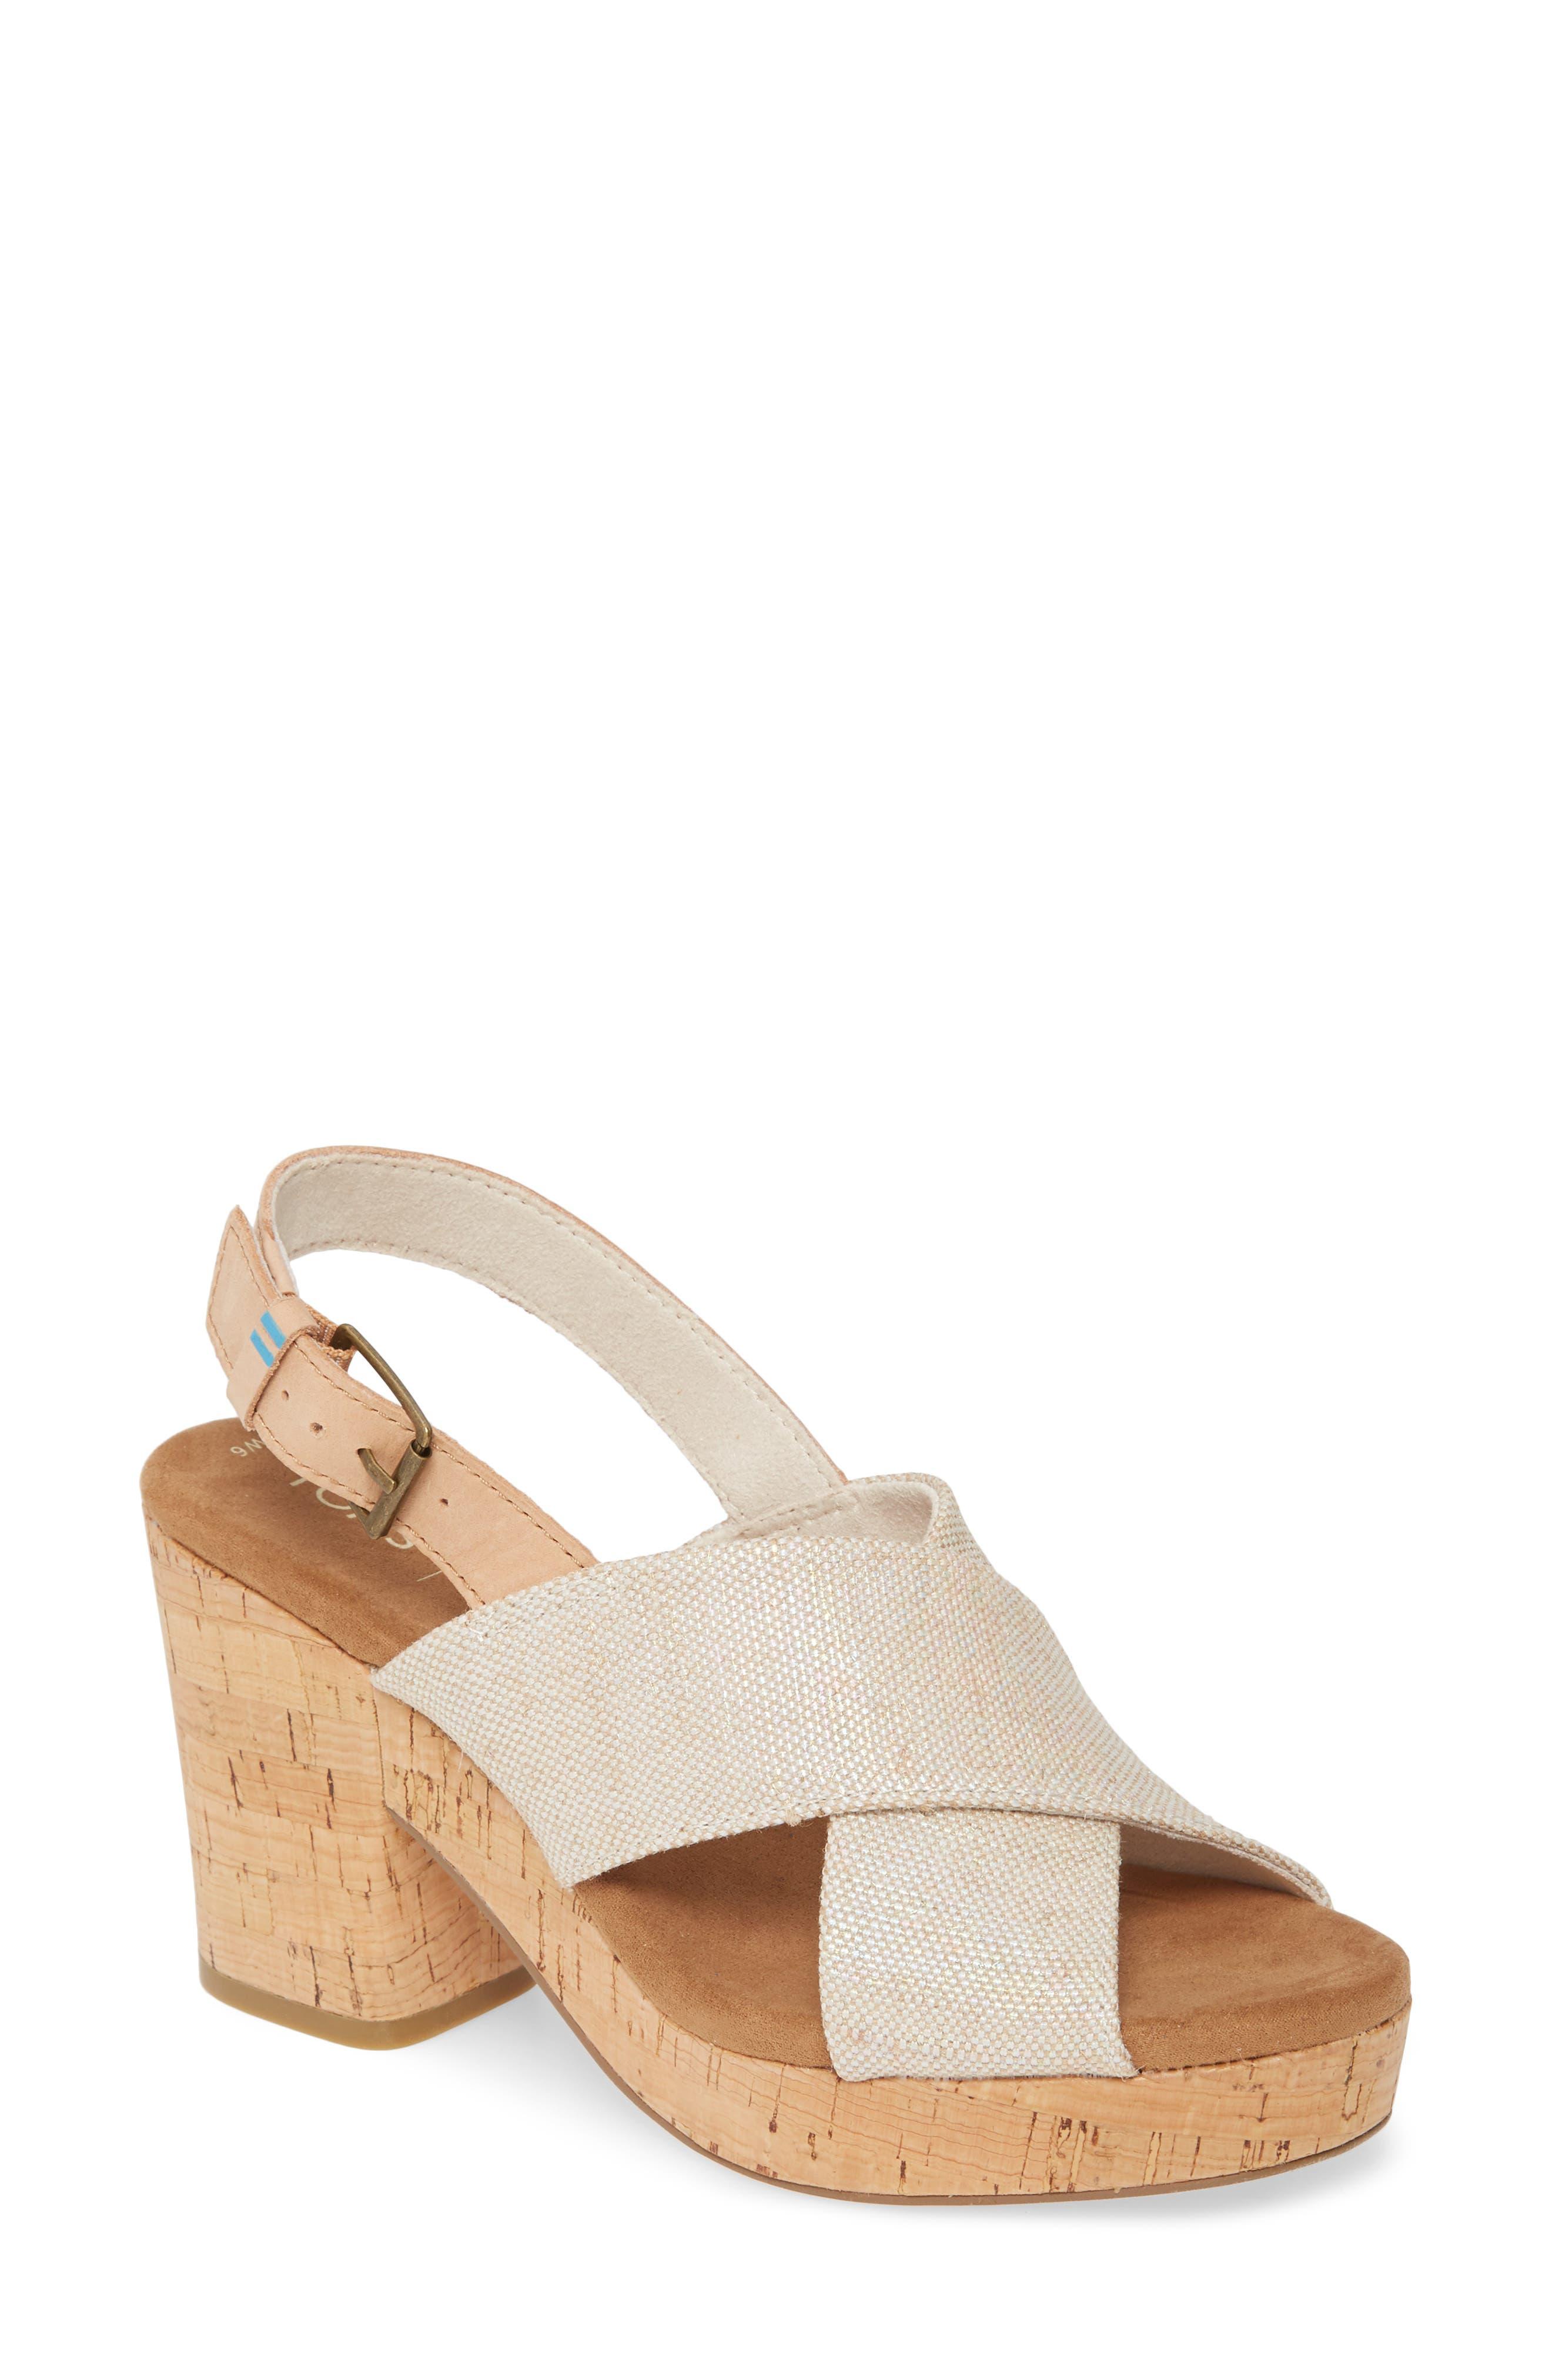 Vintage Sandal History: Retro 1920s to 1970s Sandals Womens Toms Ibiza Platform Slingback Sandal $99.95 AT vintagedancer.com